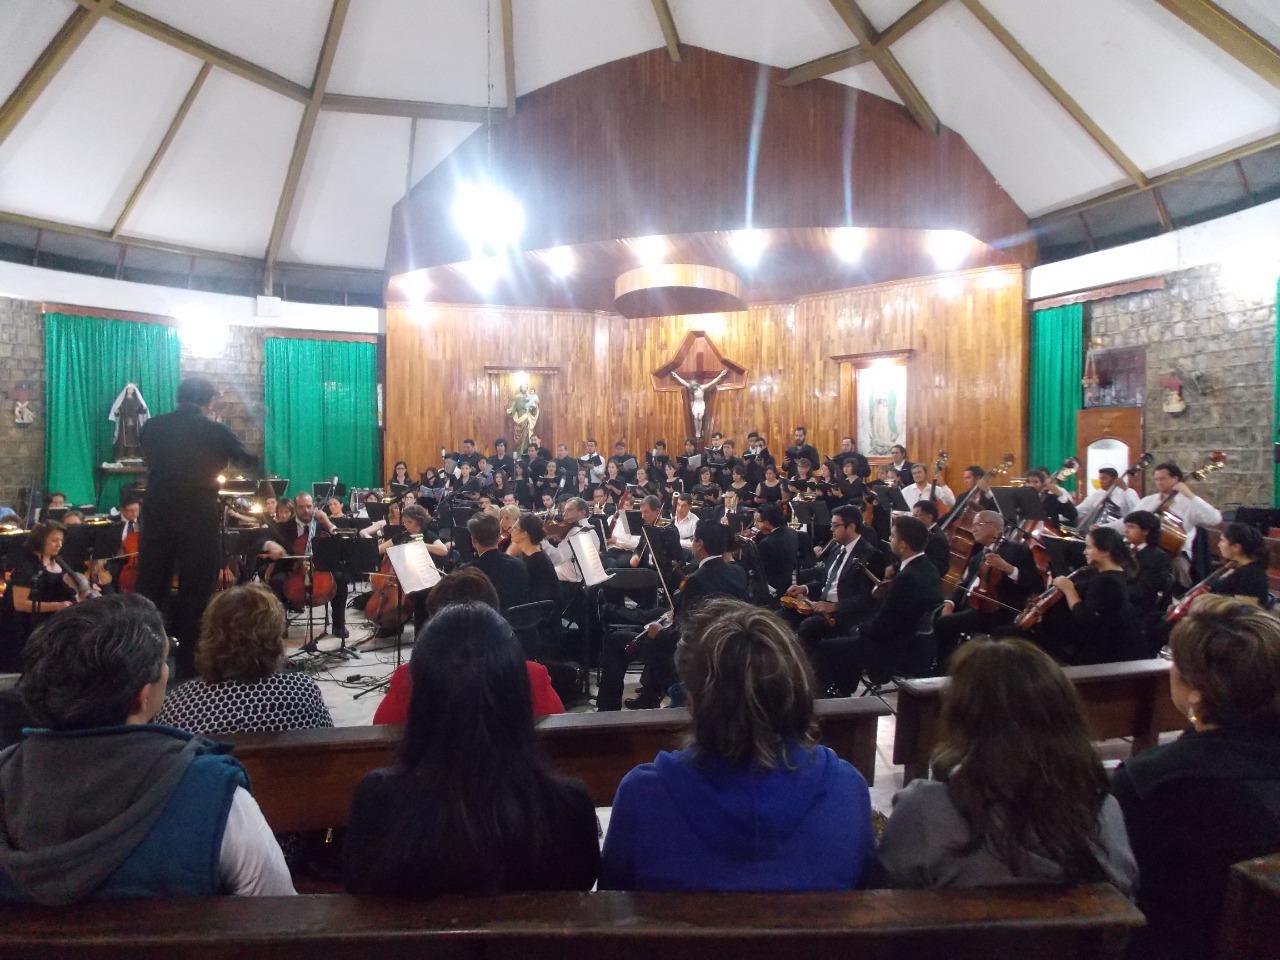 La Orquesta Sinfónica de San Luis Potosí iniciará sus conciertos 2020 en Tamasopo